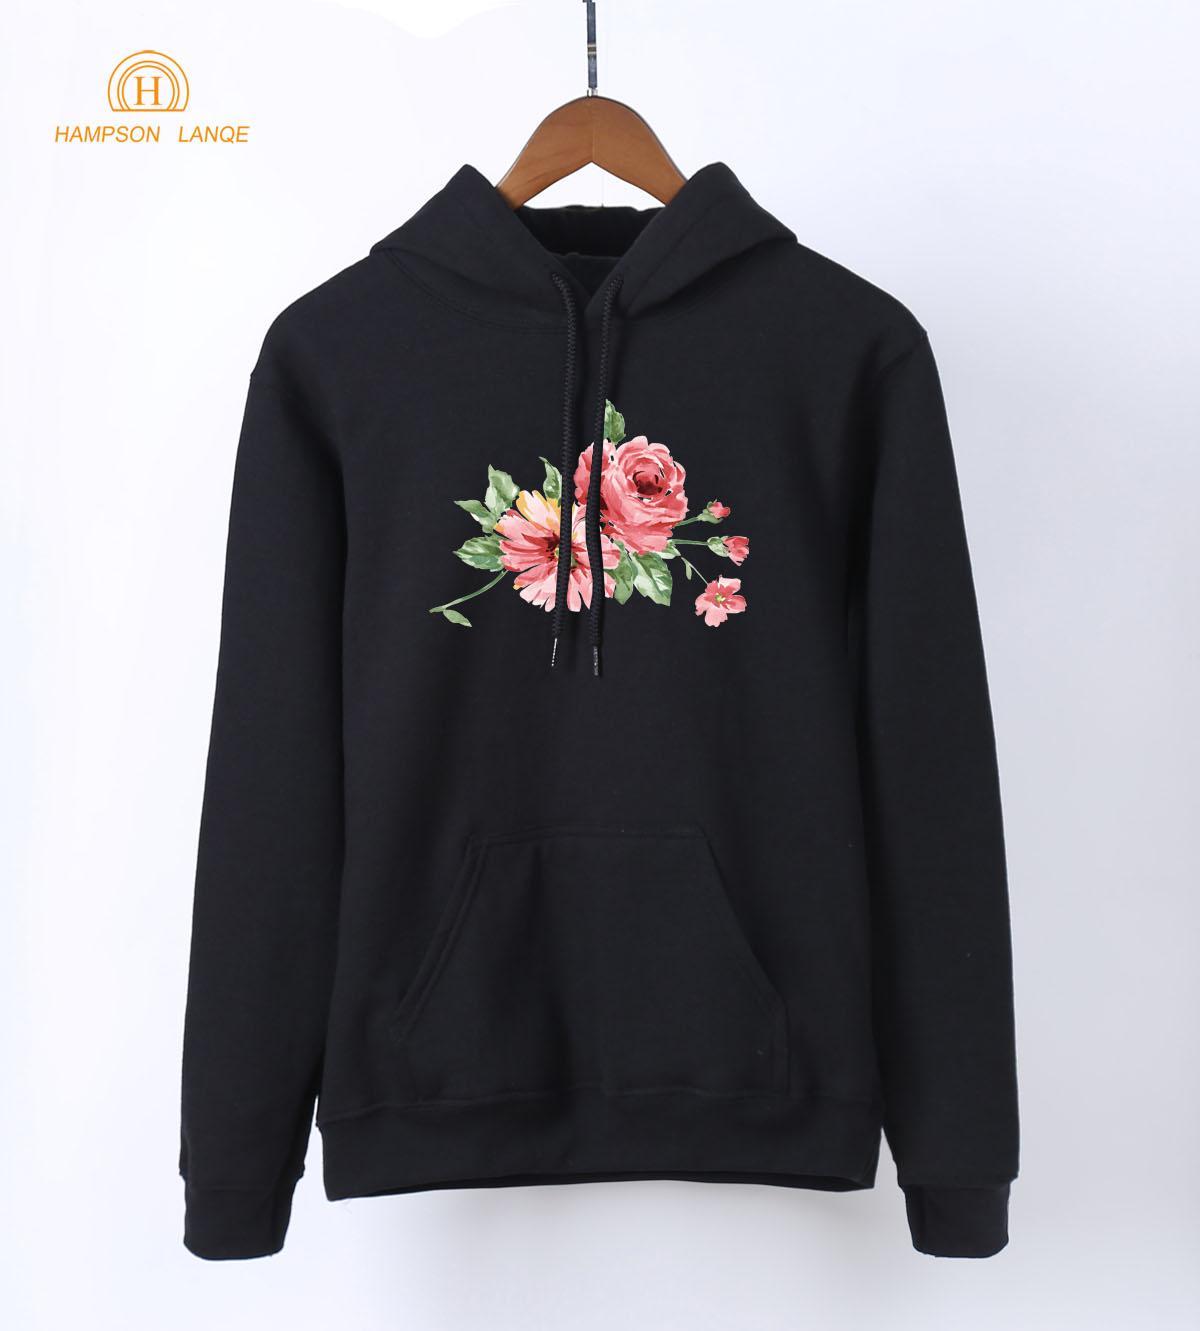 Çin Mürekkep Çiçekler Moda Bayan Hoodies 2018 Bahar Sonbahar Kazaklar Sıcak Polar Kawaii Tişörtü Kpop Harajuku Kapşonlu